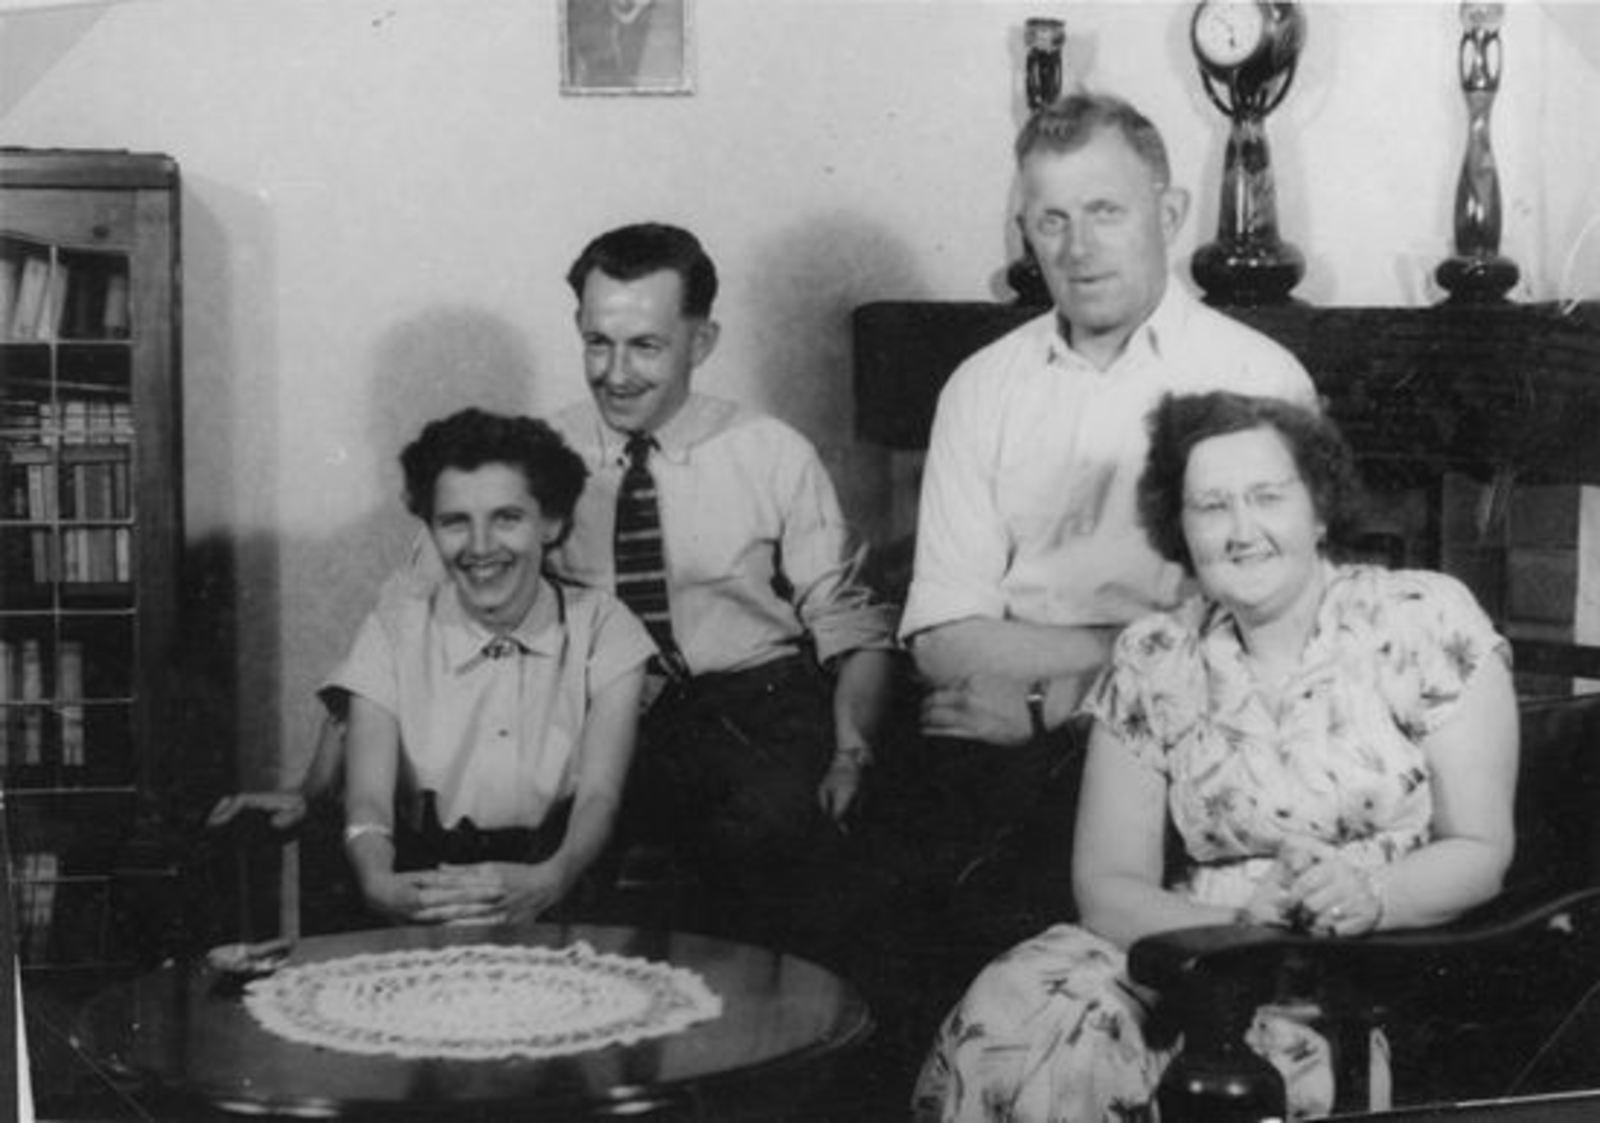 <b>ZOEKPLAATJE:</b>Broere Gerrit 1918 195_ met vrouw Gerrij en onbekende Visite